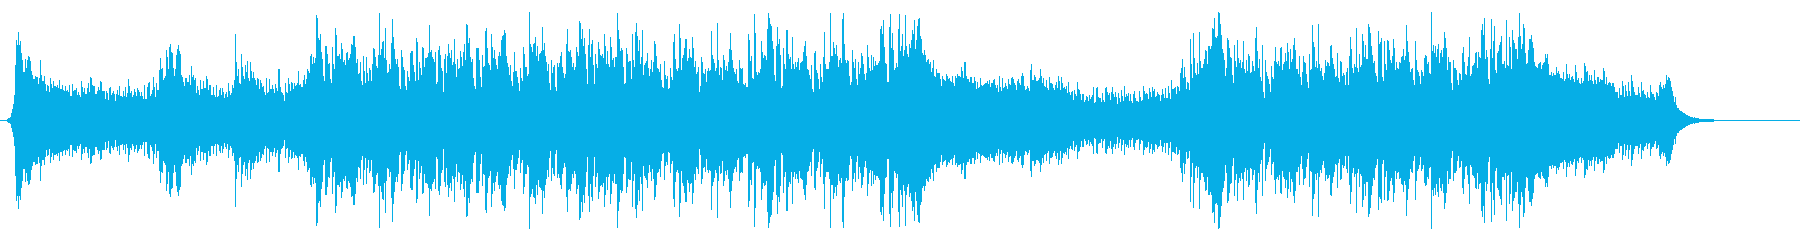 【オーケストラ】爽やかな日常曲!の再生済みの波形